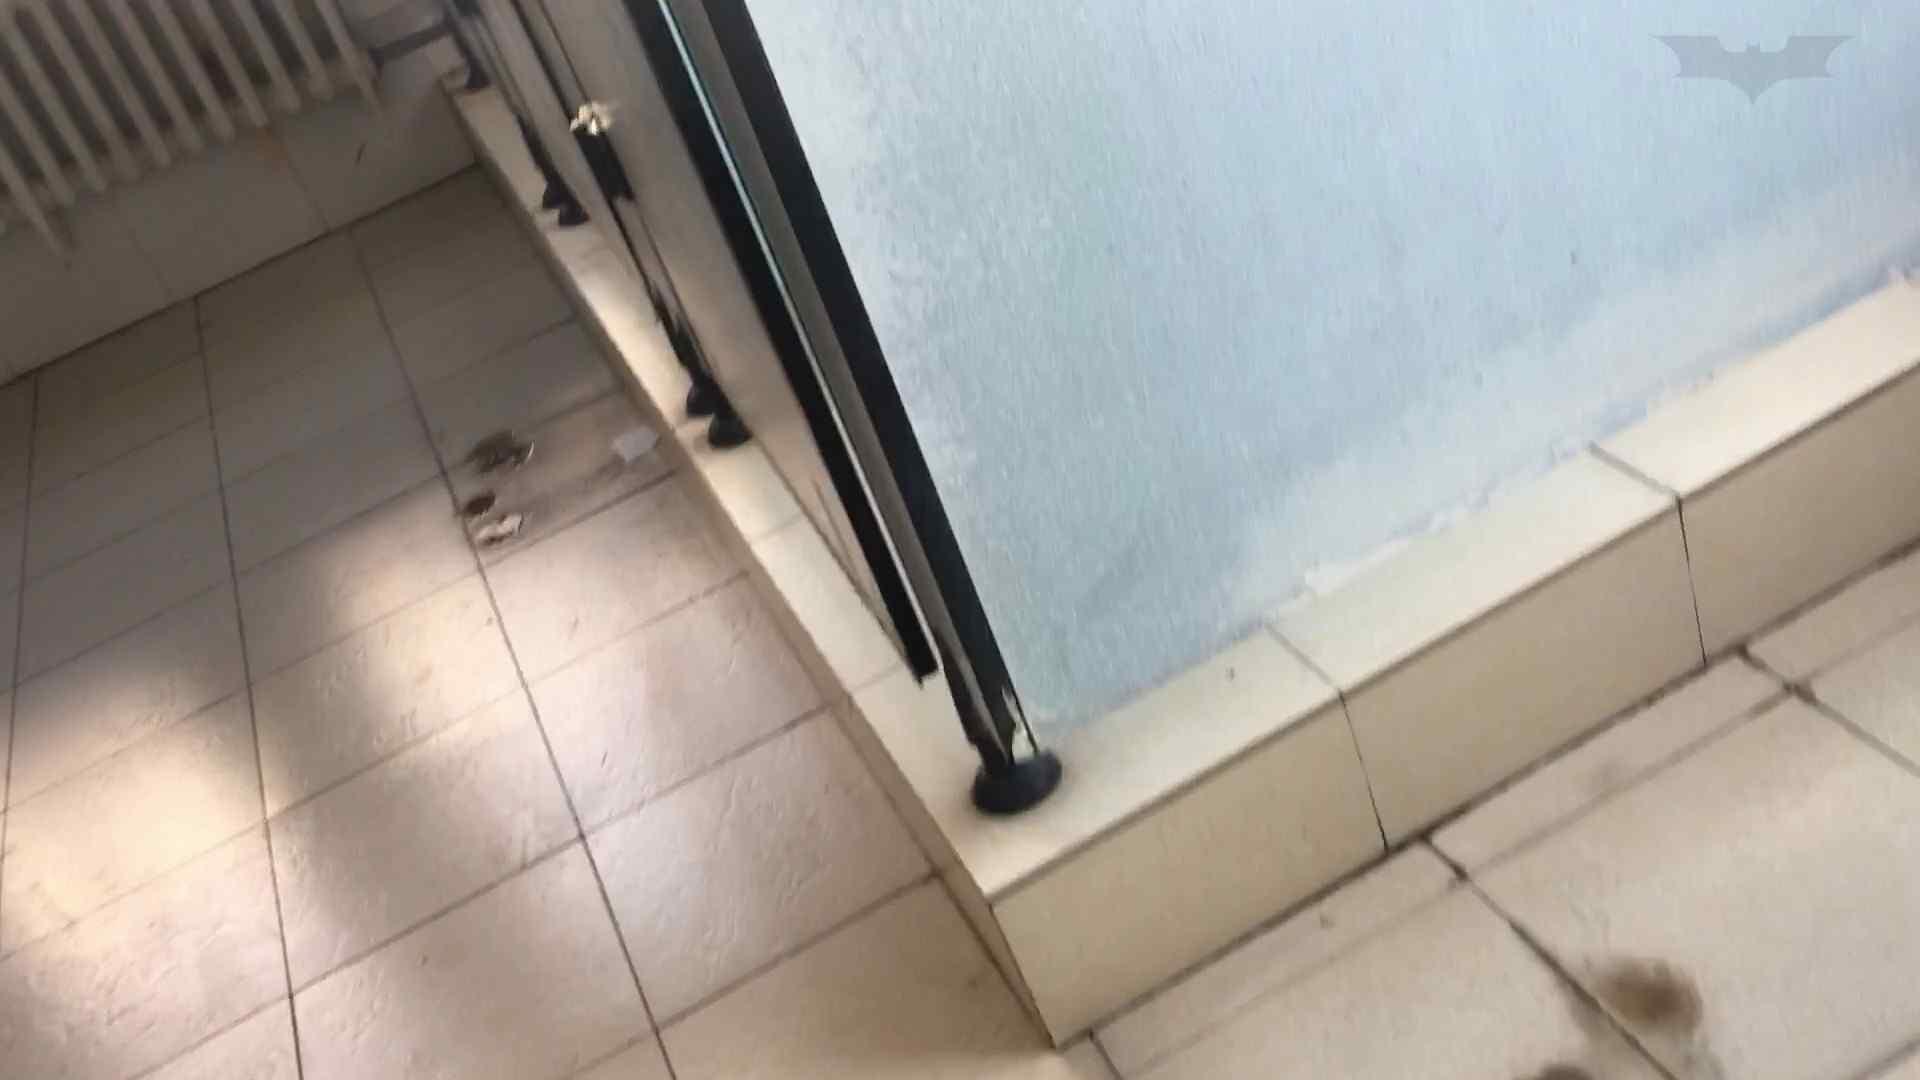 芸術大学ガチ潜入盗撮 JD盗撮 美女の洗面所の秘密 Vol.93 美肌 おめこ無修正画像 62画像 32